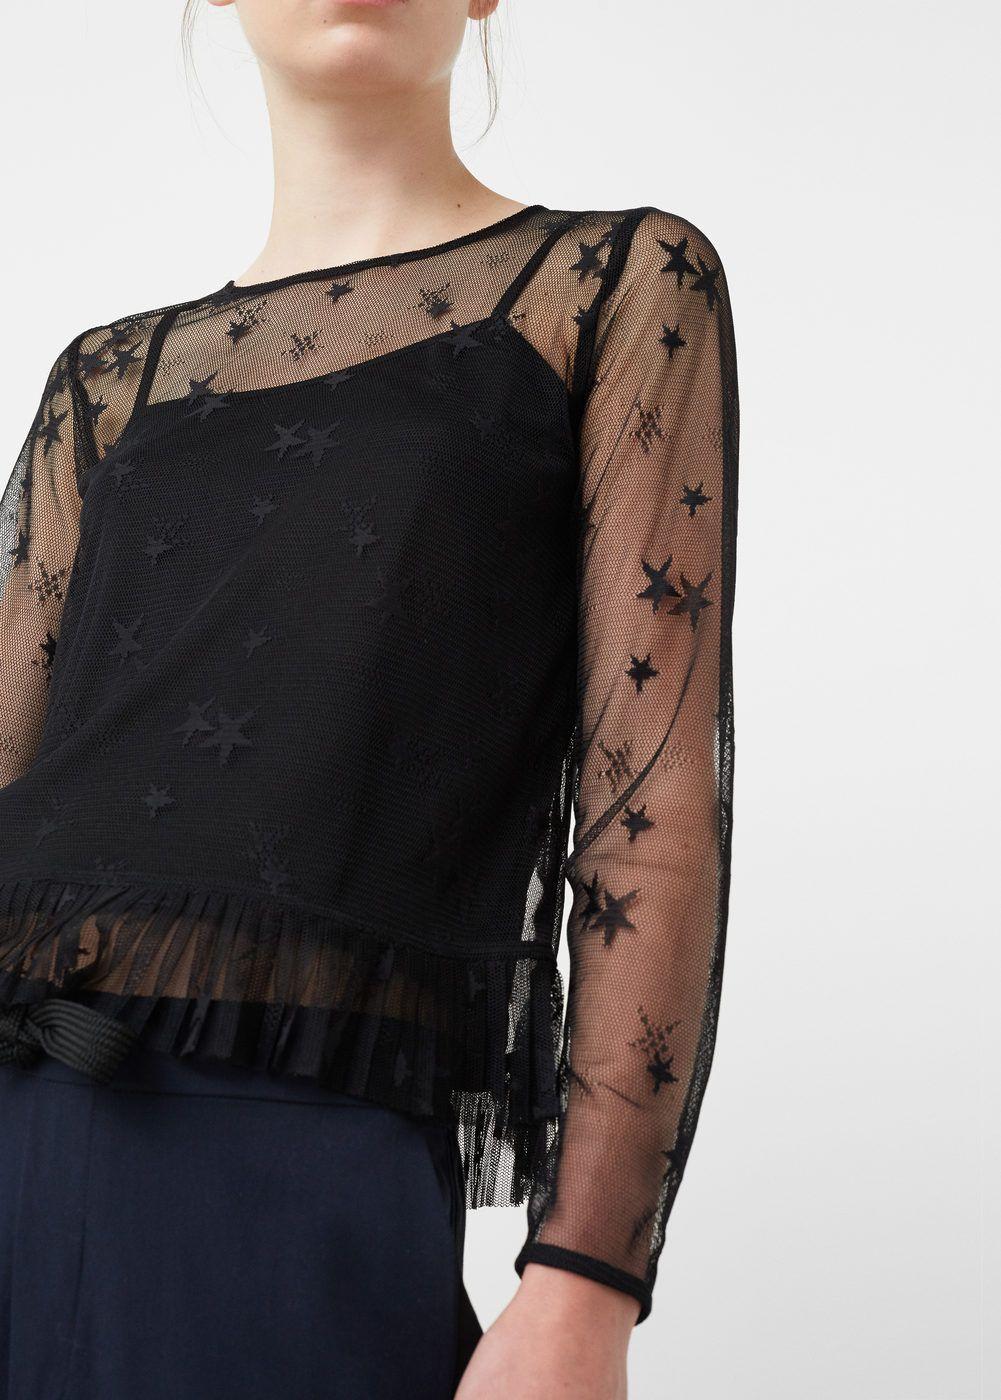 Blusa tule bordado - Mulher  4eb65035da3